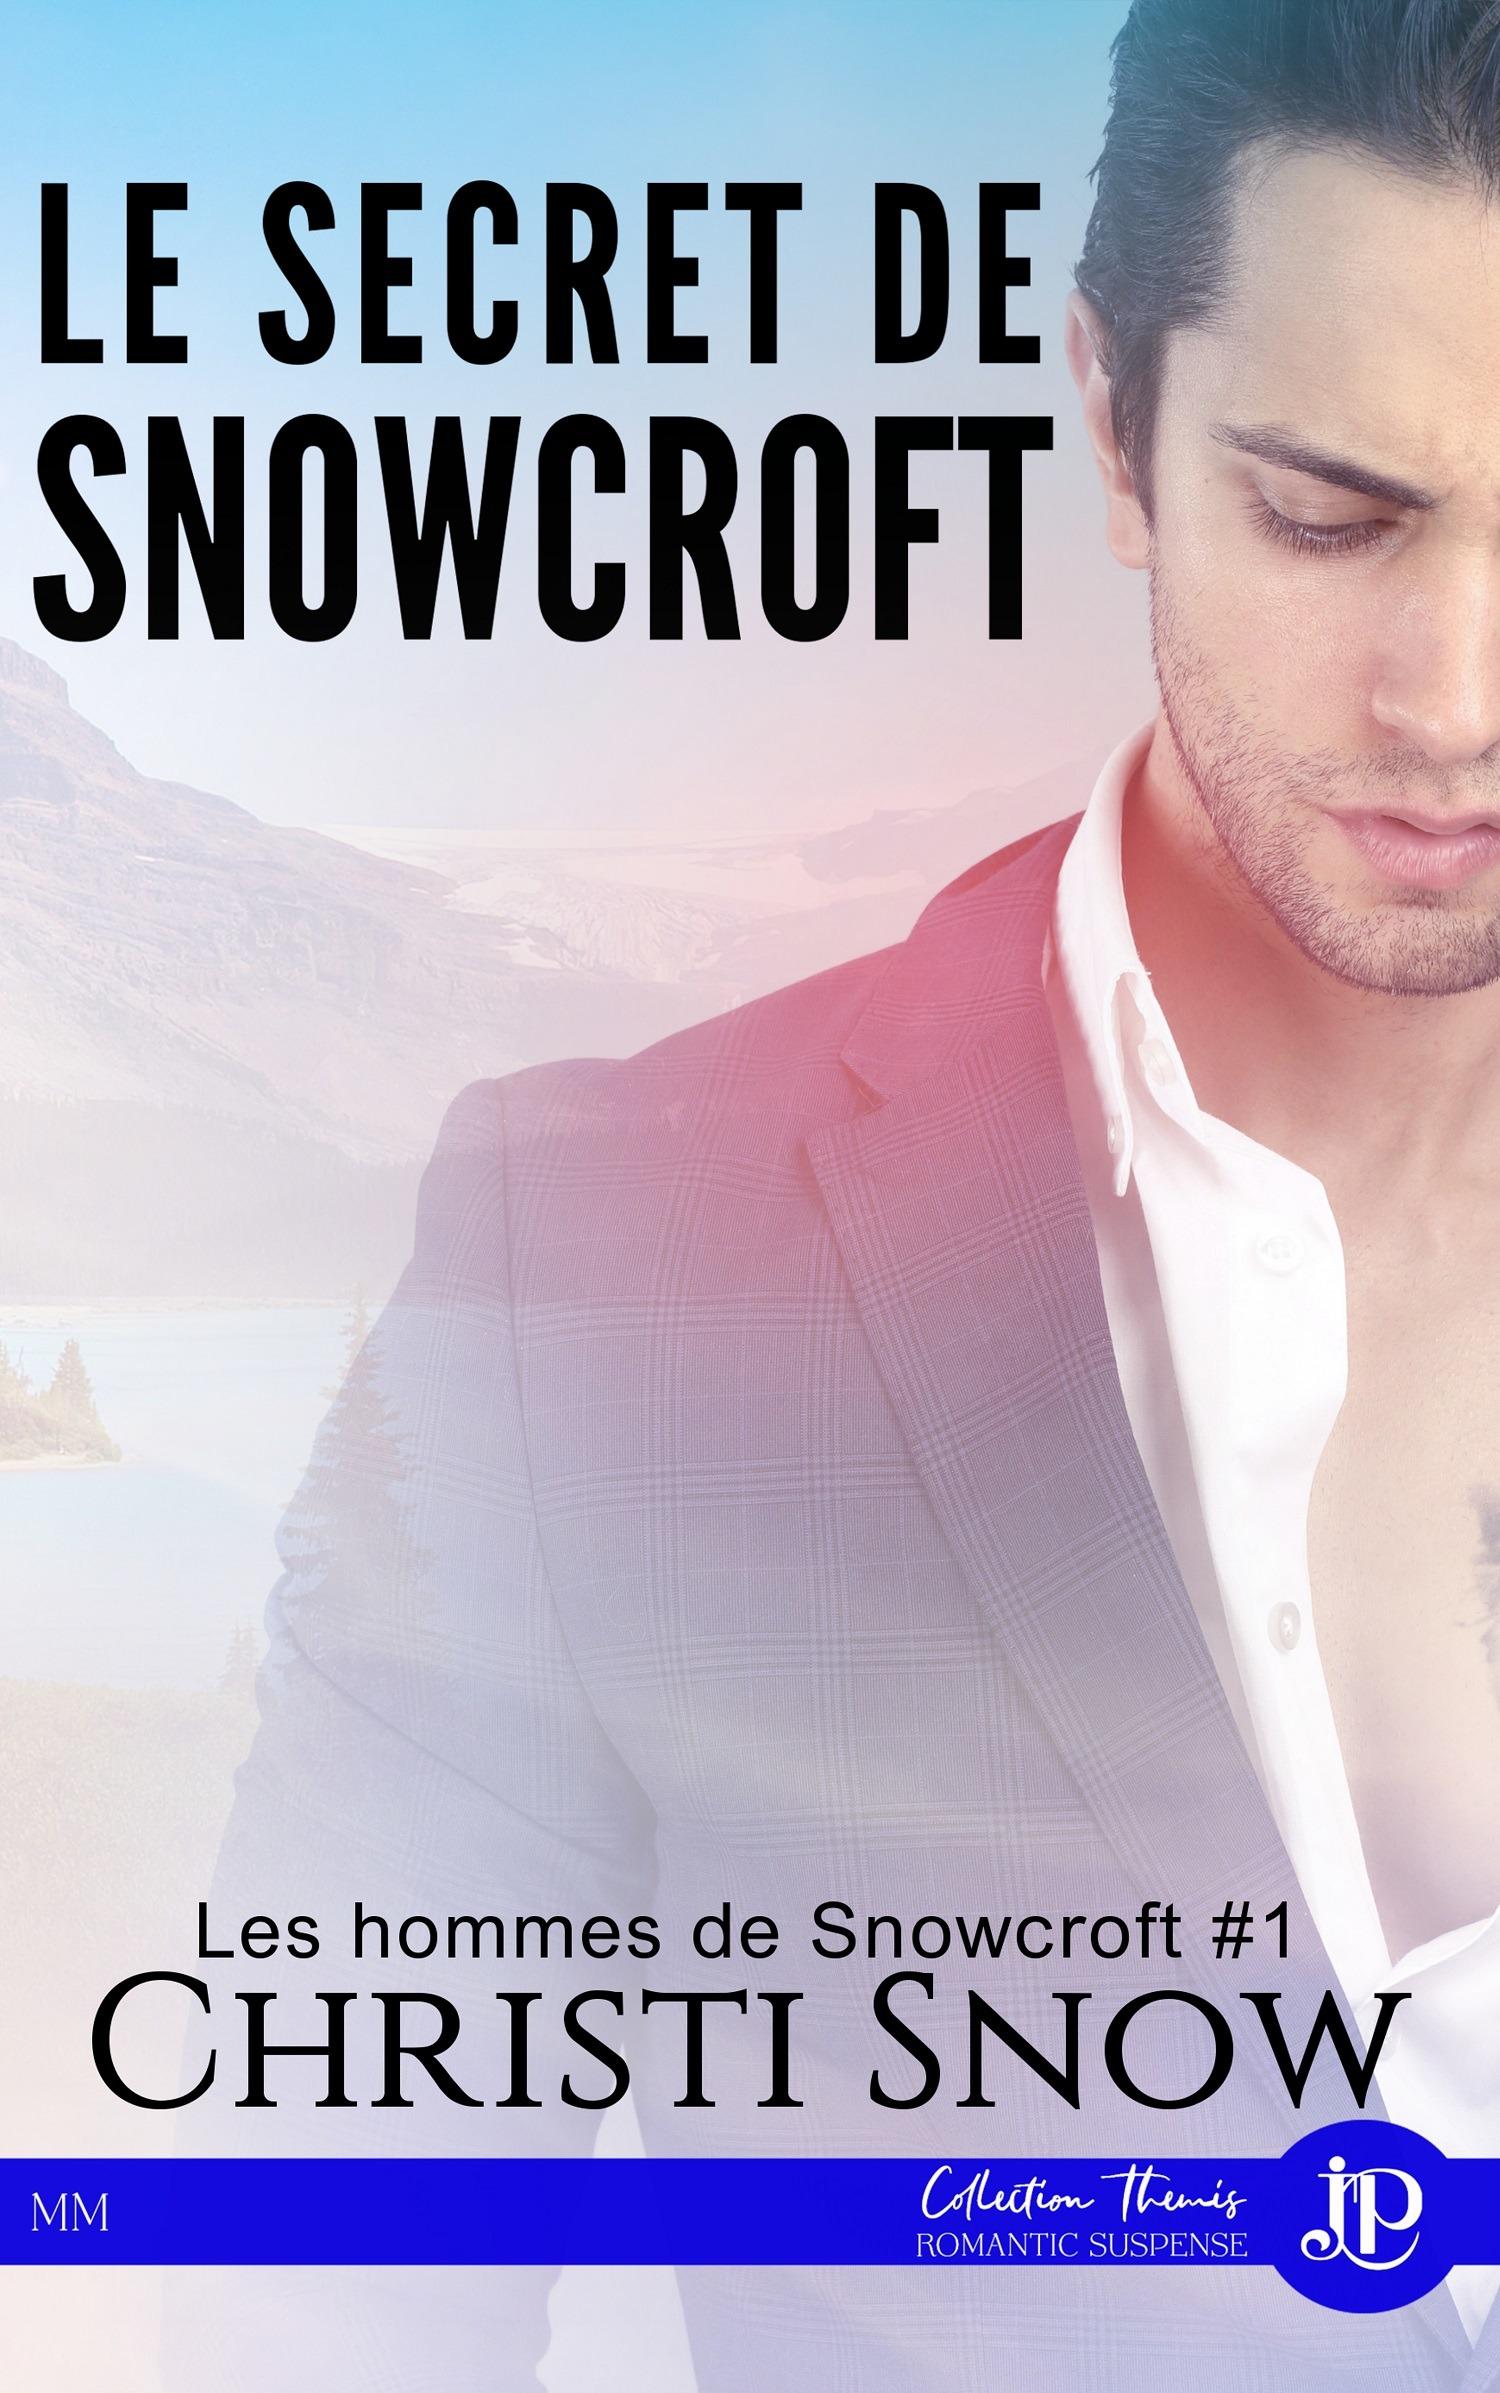 Le secret de Snowcroft, LES HOMMES DE SNOWCROFT #1